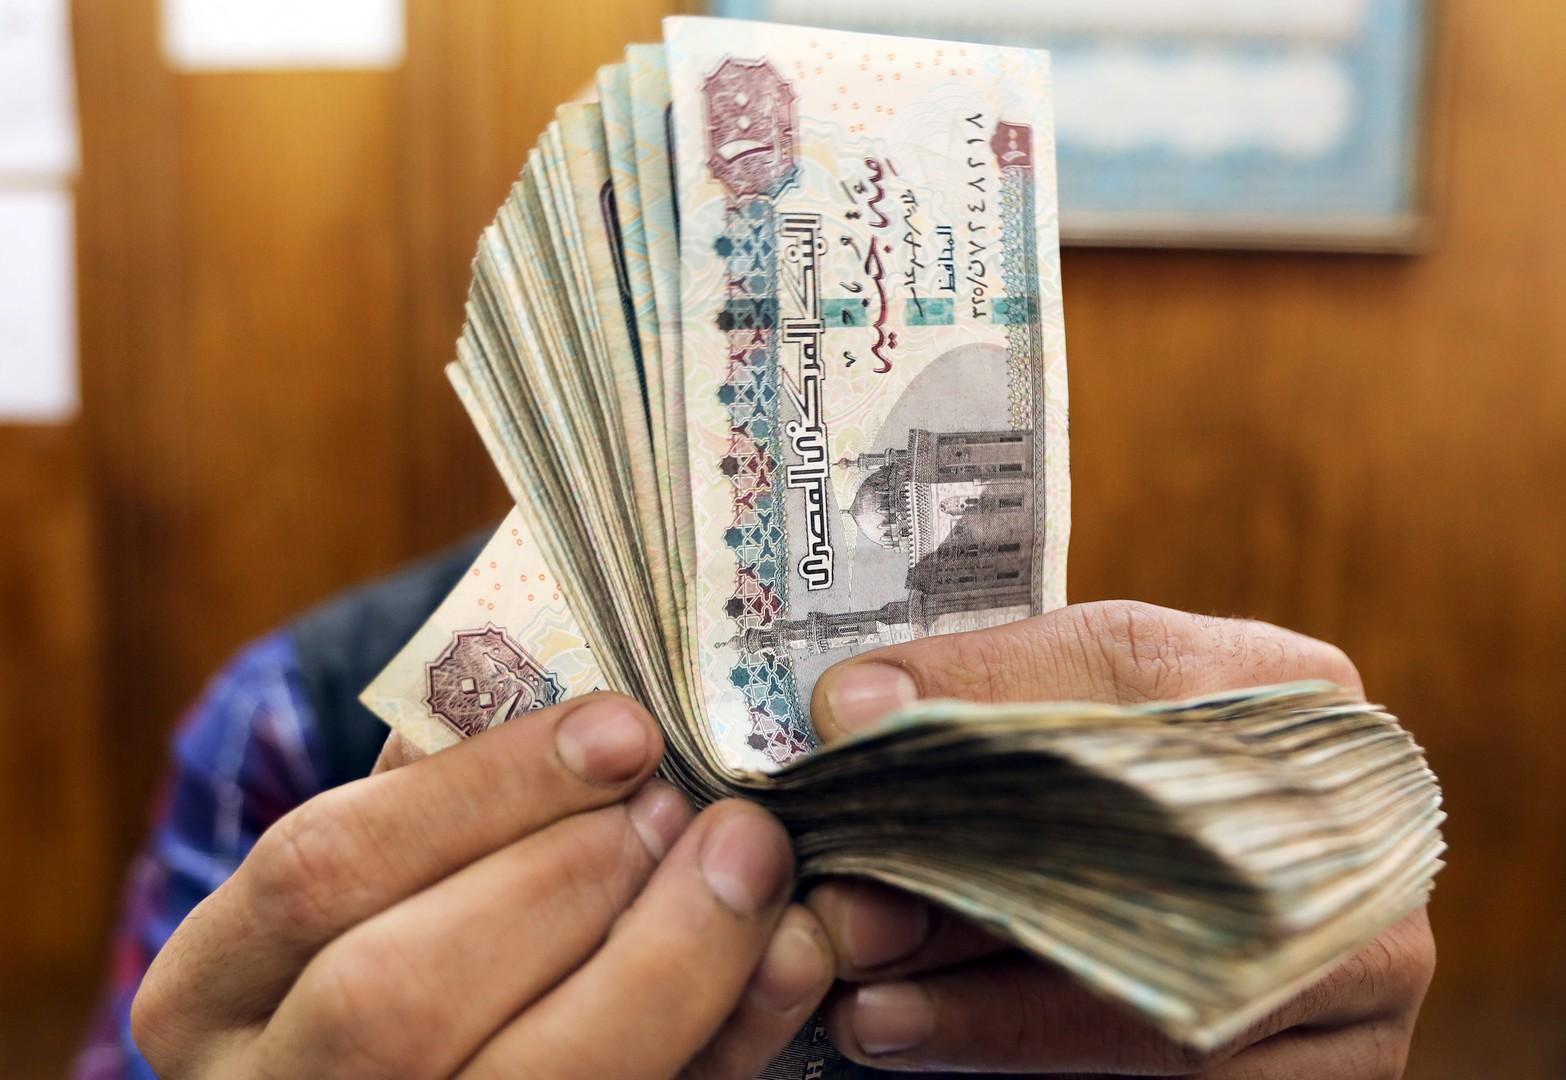 نمو الاقتصاد المصري بنسبة 5.6% في السنة المالية الماضية